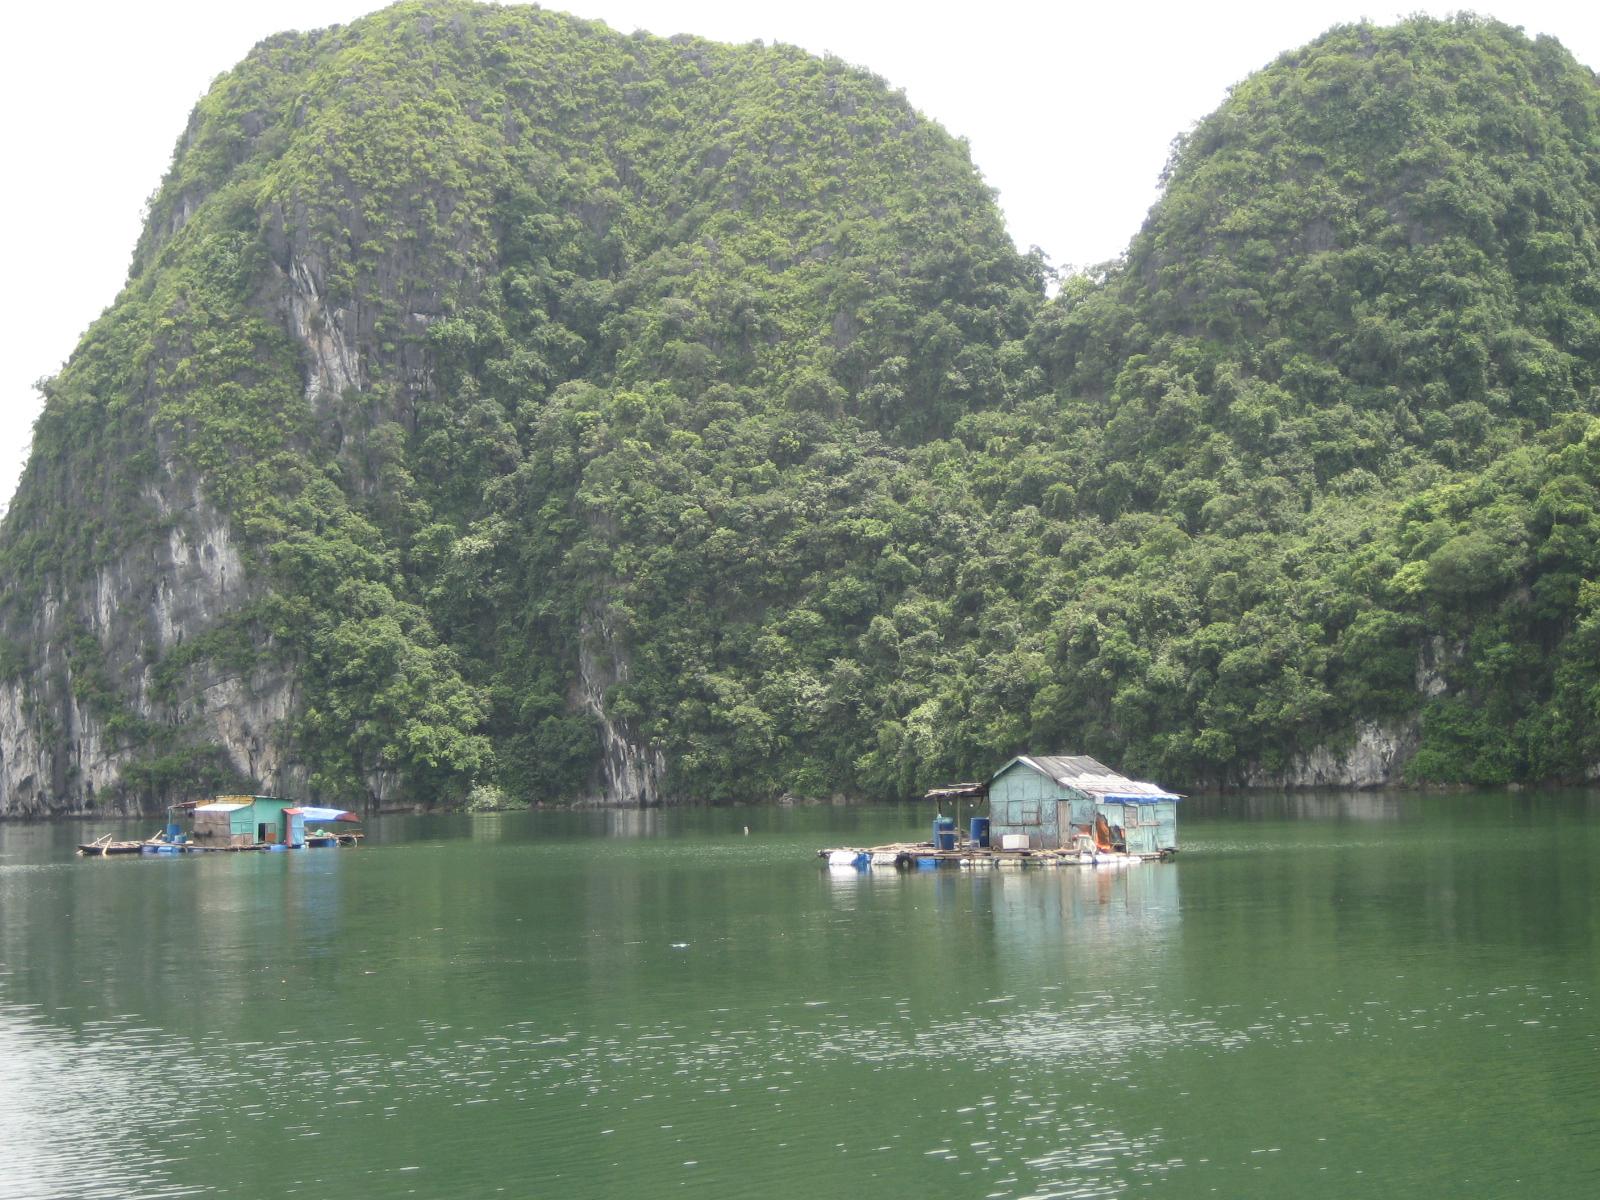 Houseboats of Ha Long Bay